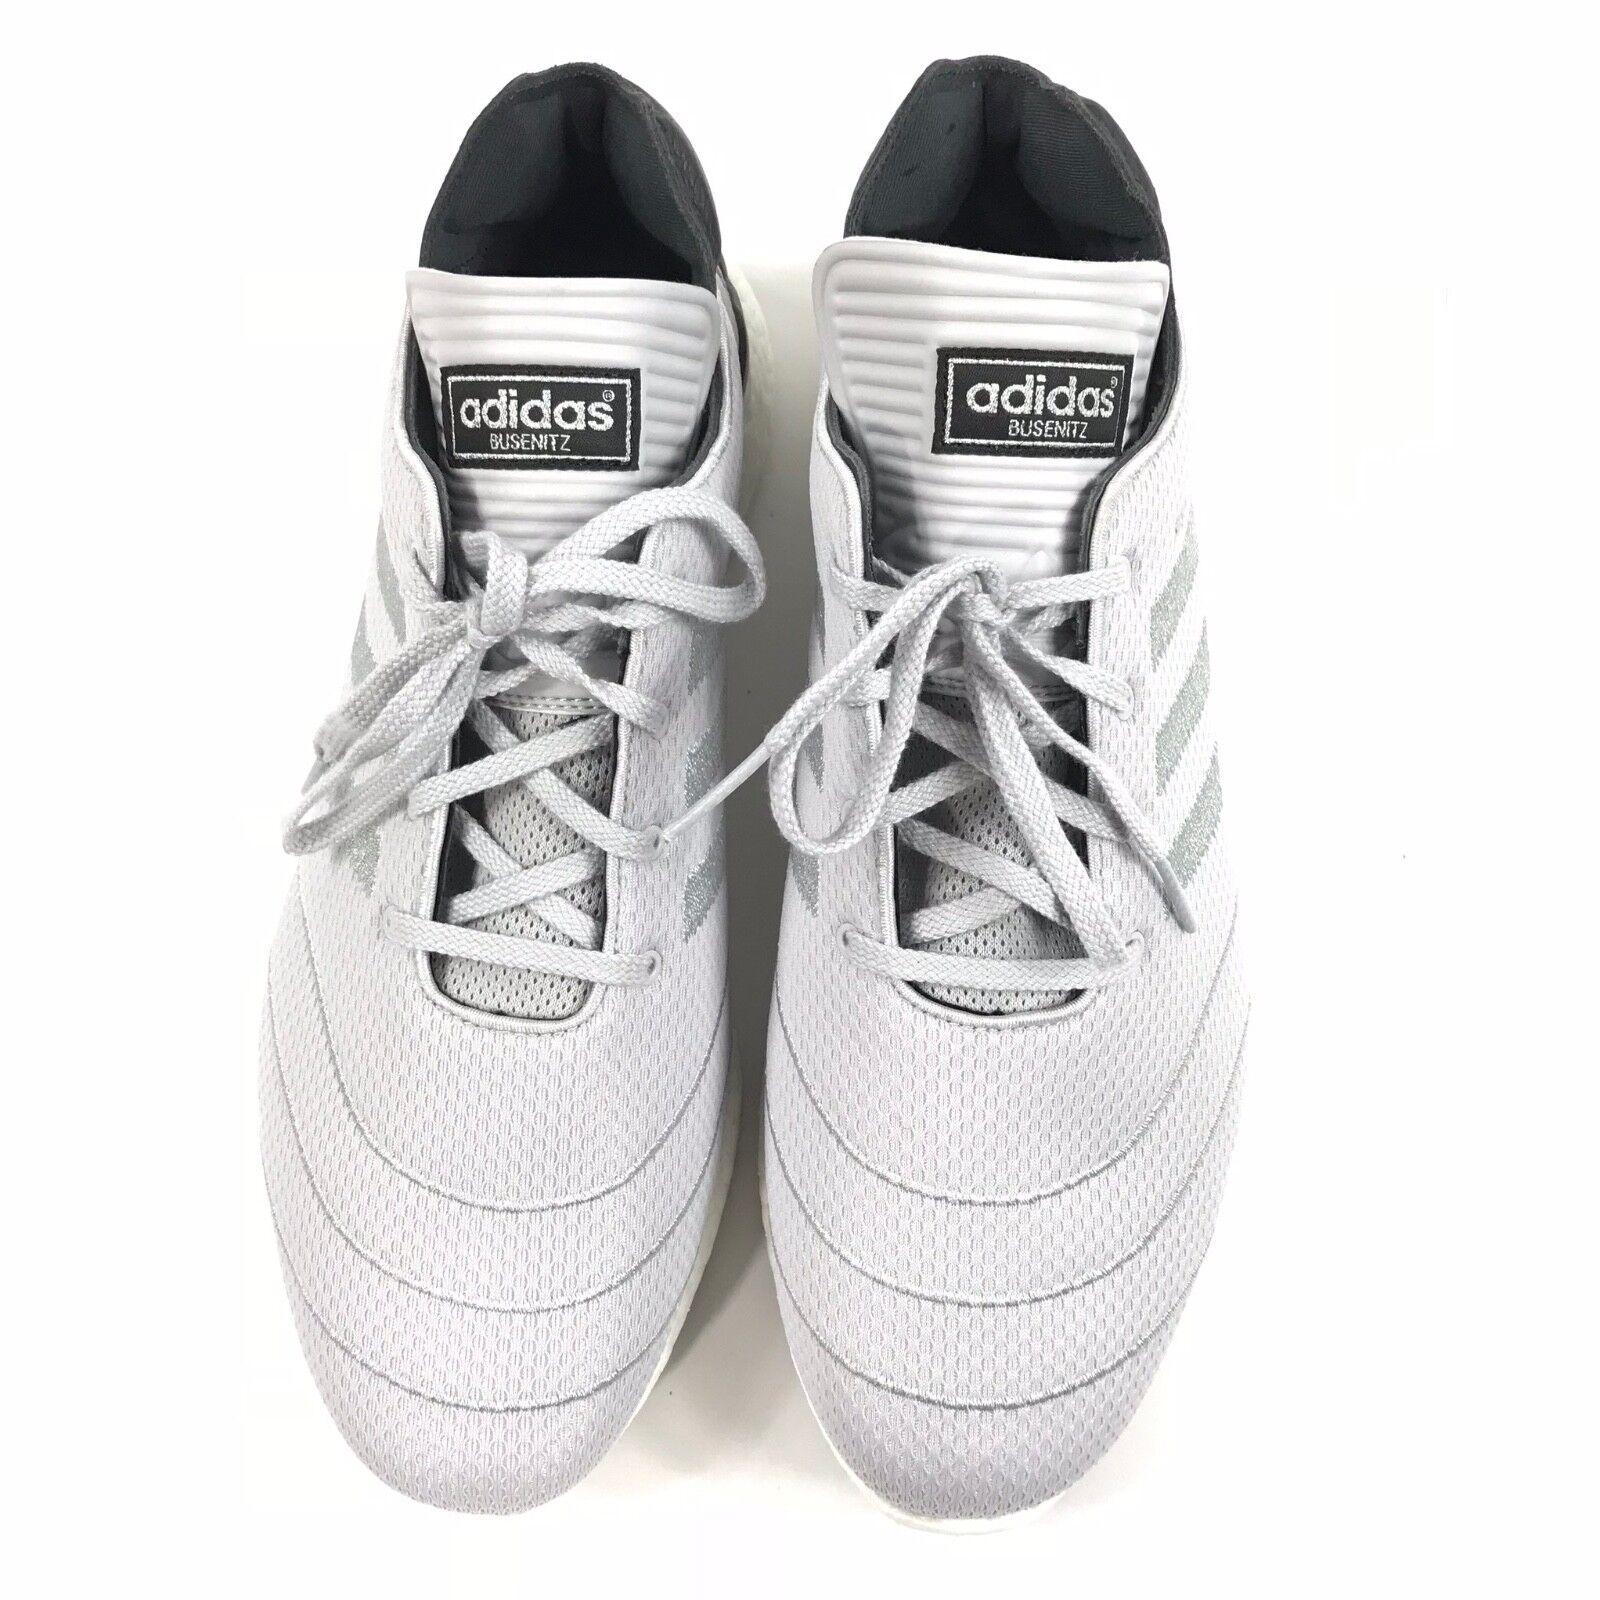 sale retailer 162de 7c8c0 ... Adidas Mens Busenitz Pure Boost Primeknit Primeknit Primeknit Gray Black  White F37782 Ultra Sz 11.5 e9a5e4 ...